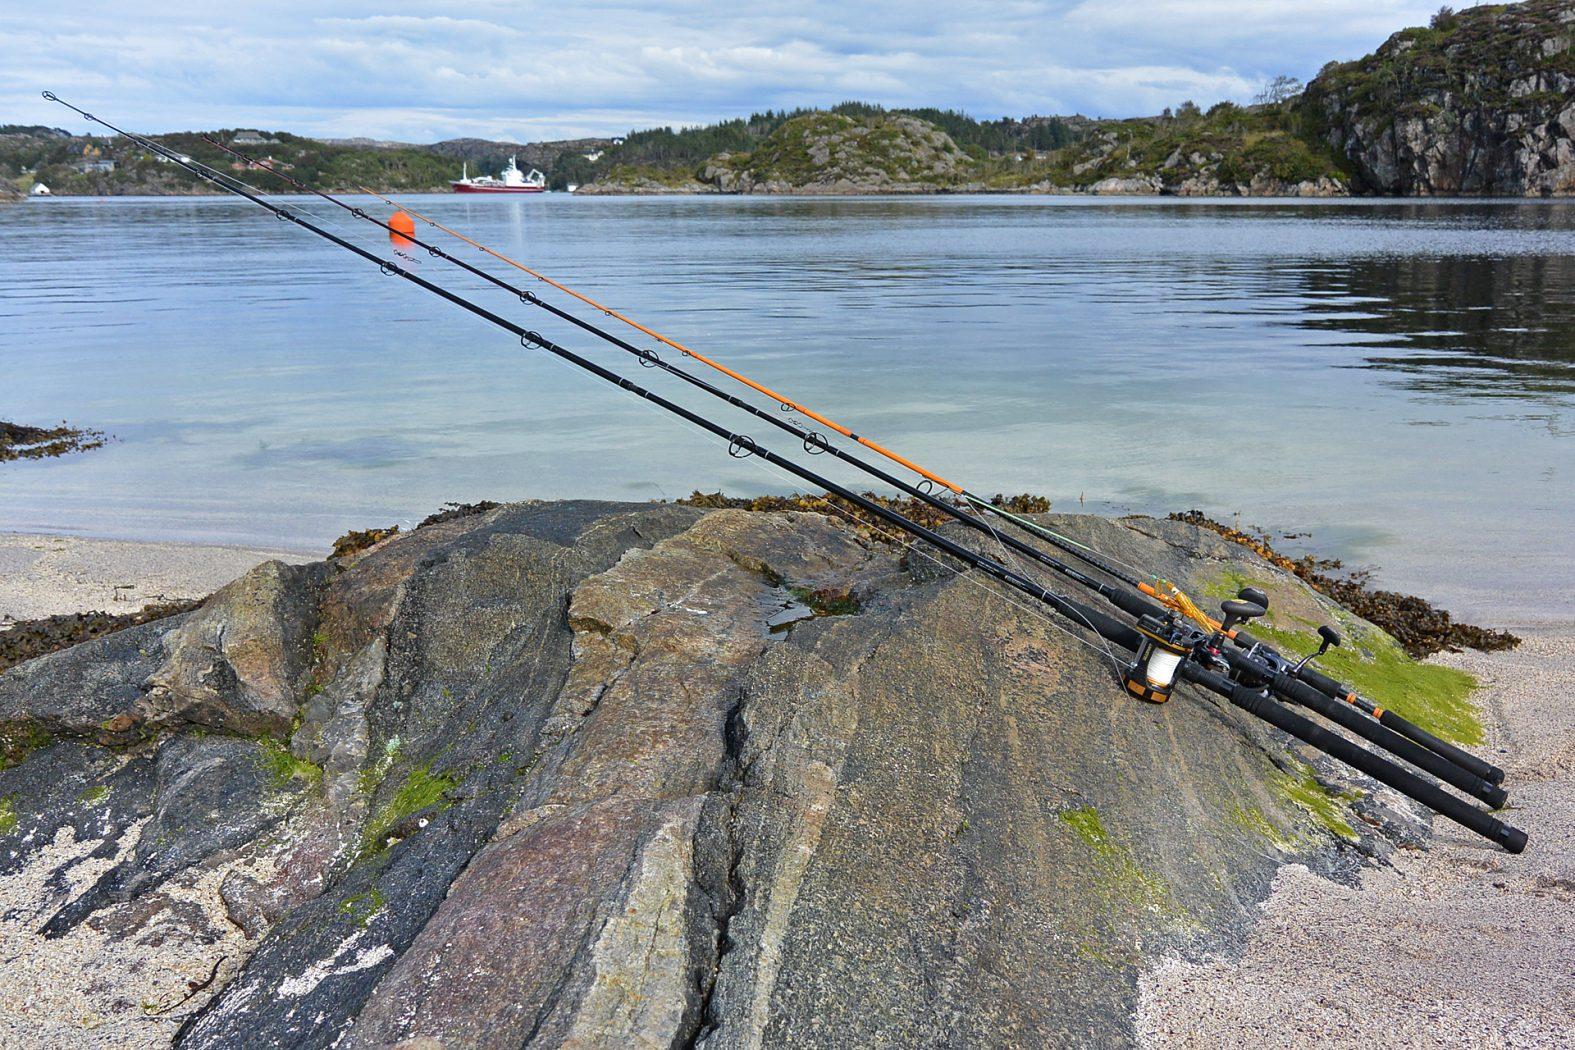 Welche Rute und Rolle zum Angeln in Norwegen